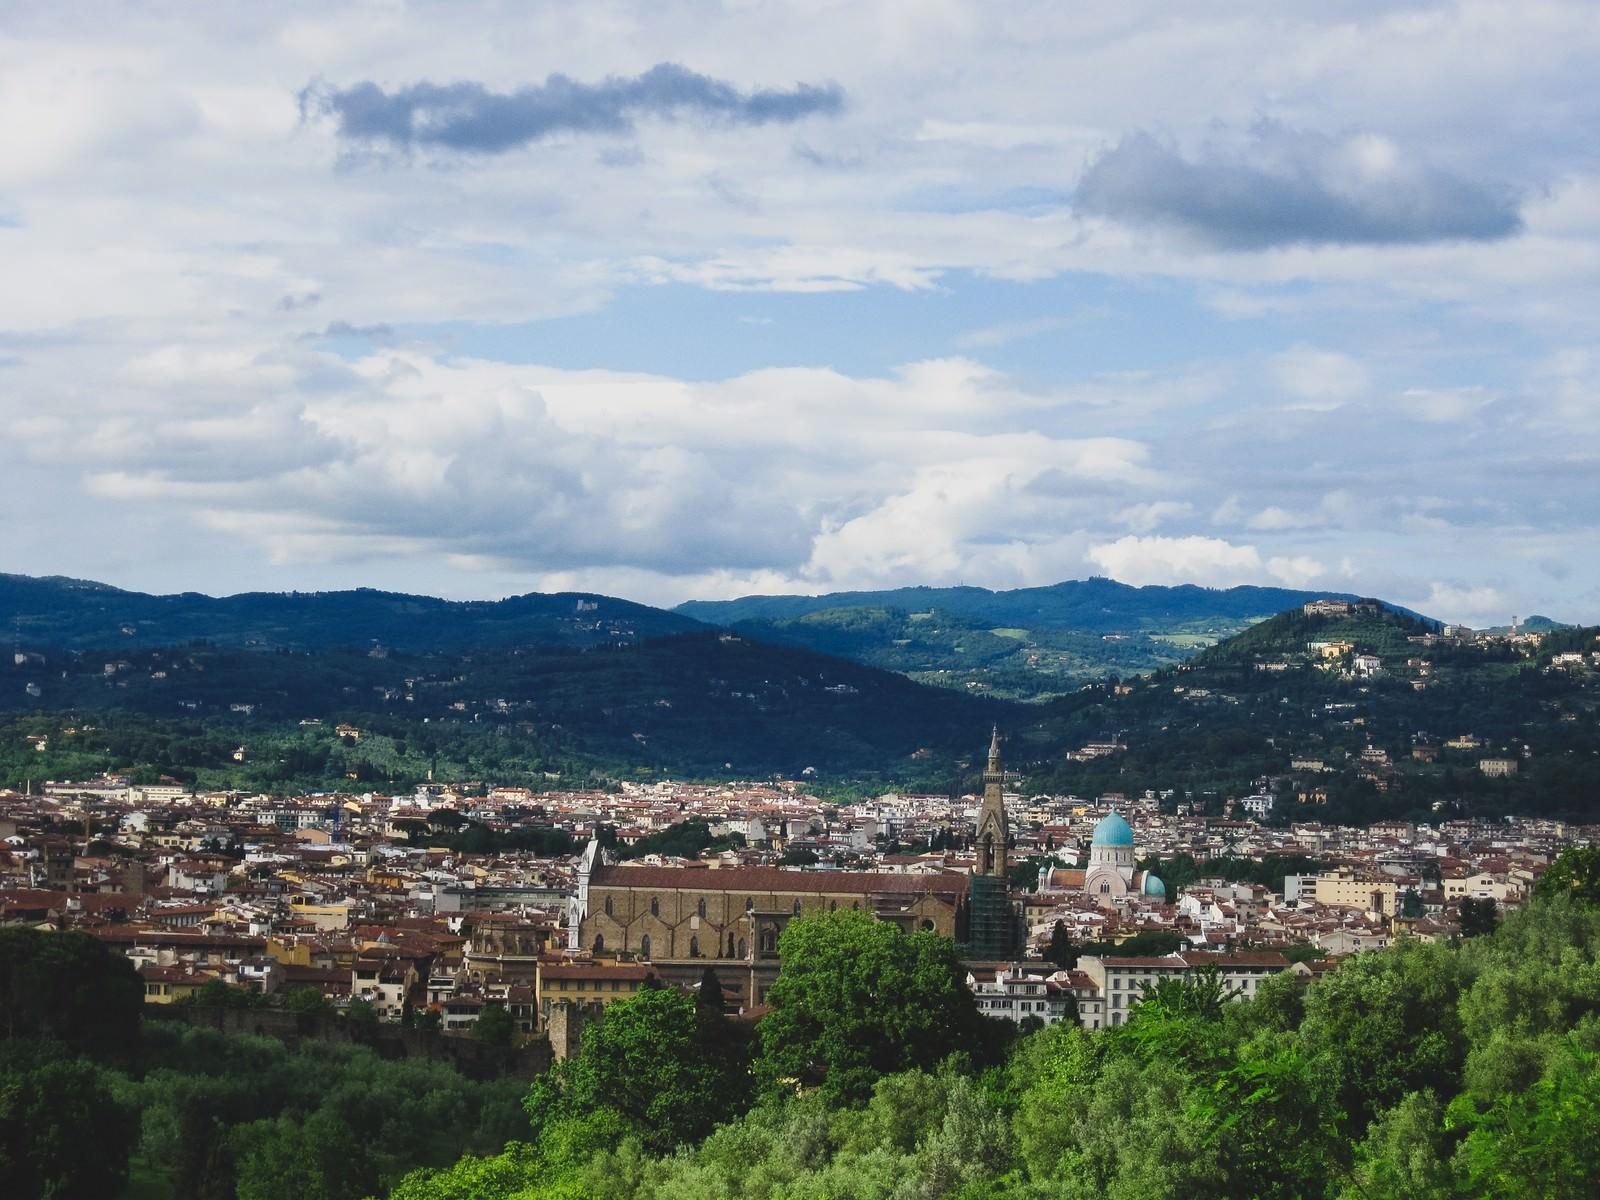 「フィレンツェの街並みと山(イタリア)」の写真